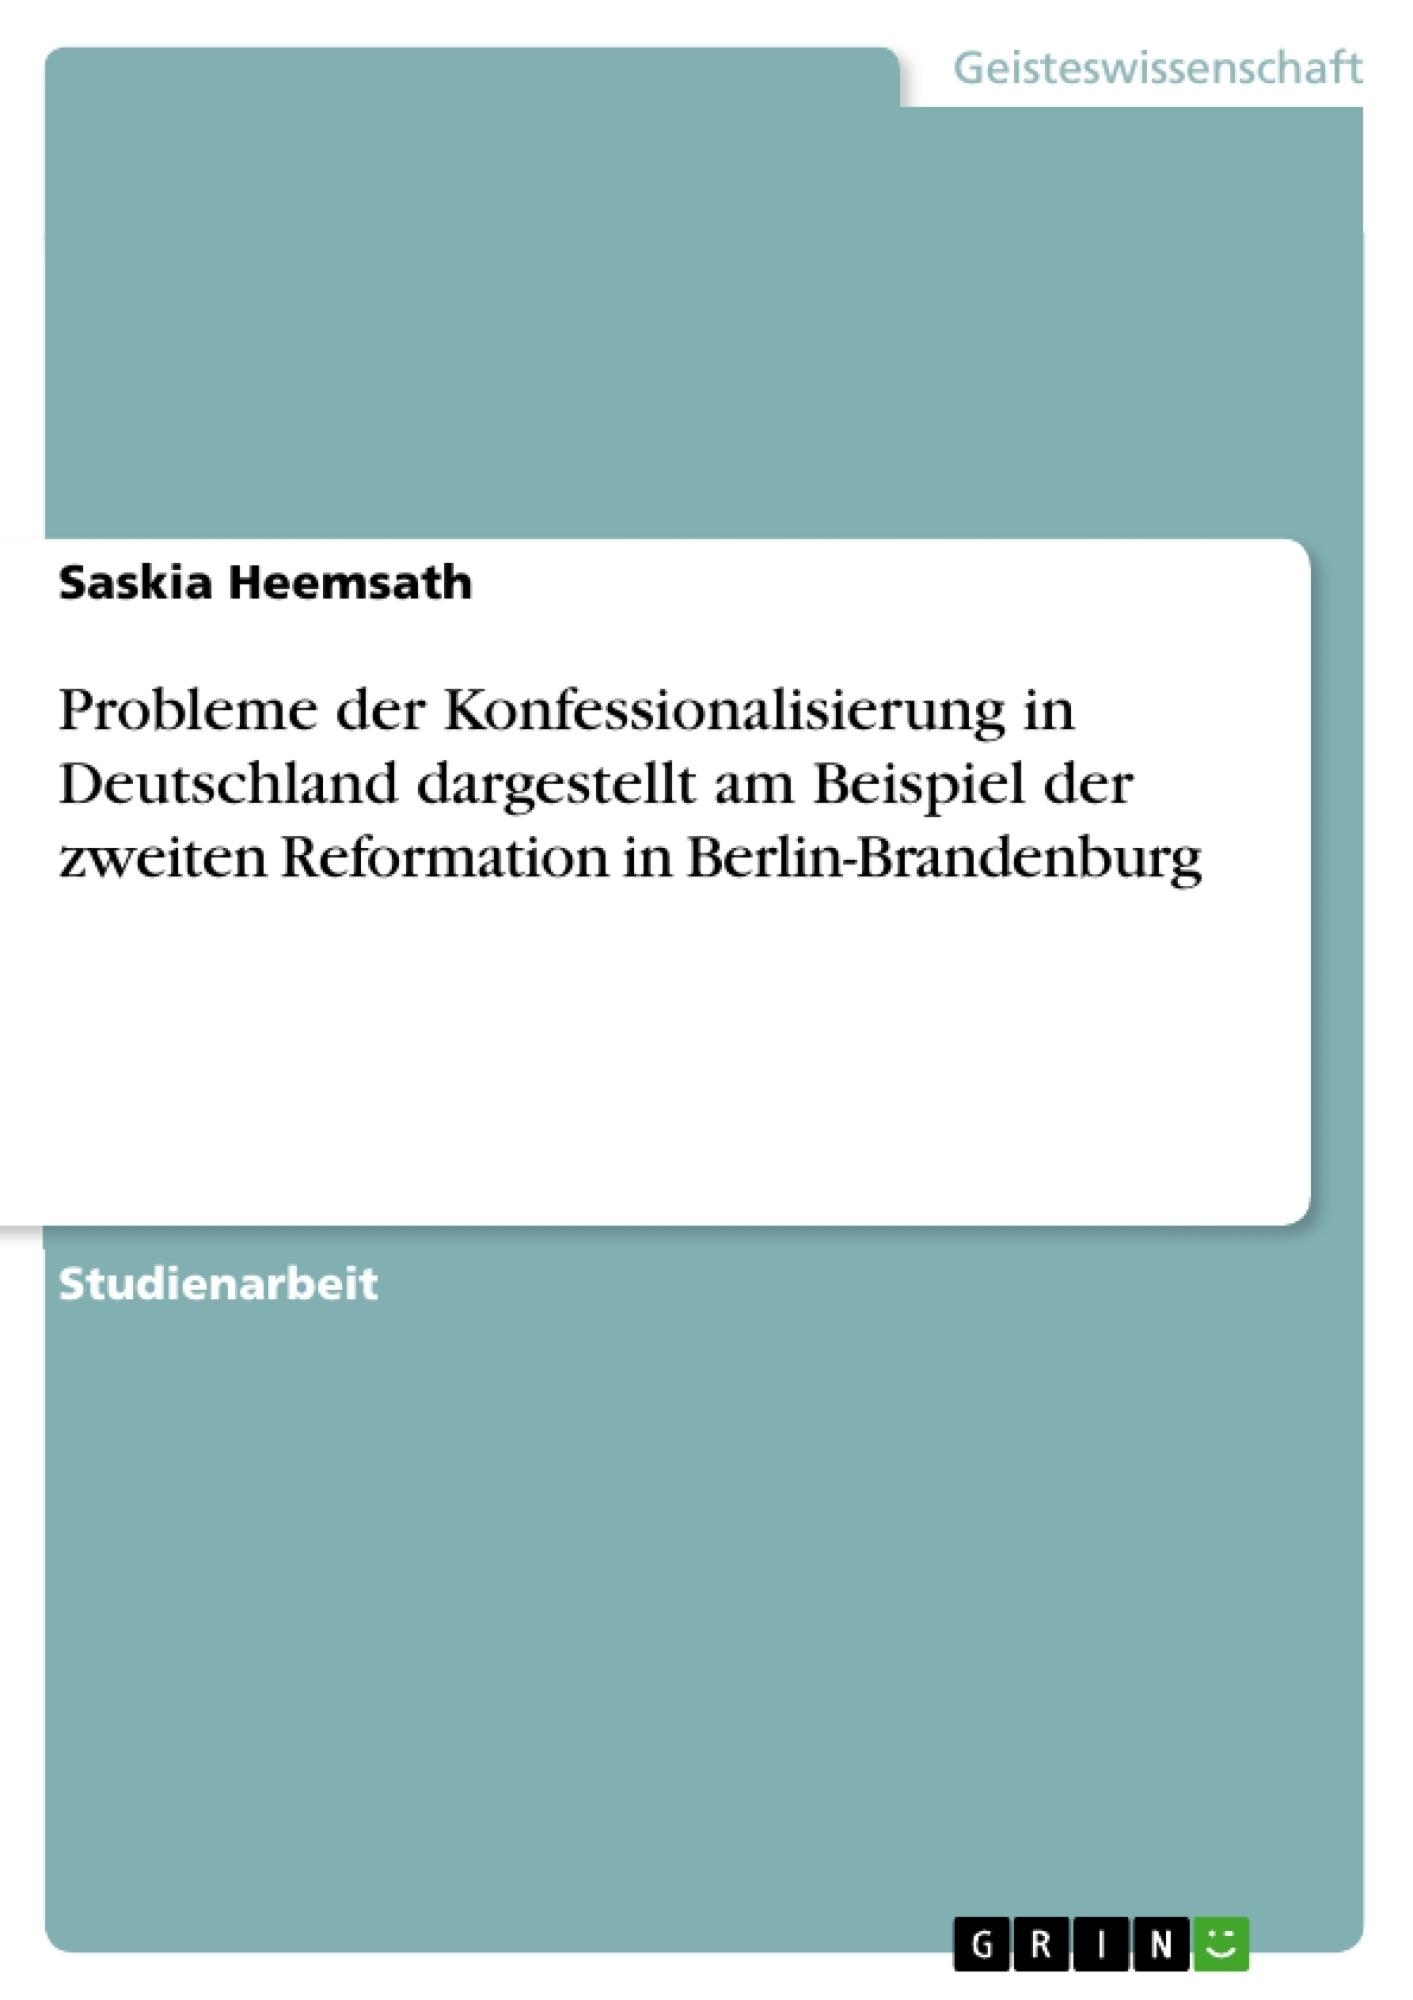 Titel: Probleme der Konfessionalisierung in Deutschland dargestellt am Beispiel der zweiten Reformation in Berlin-Brandenburg